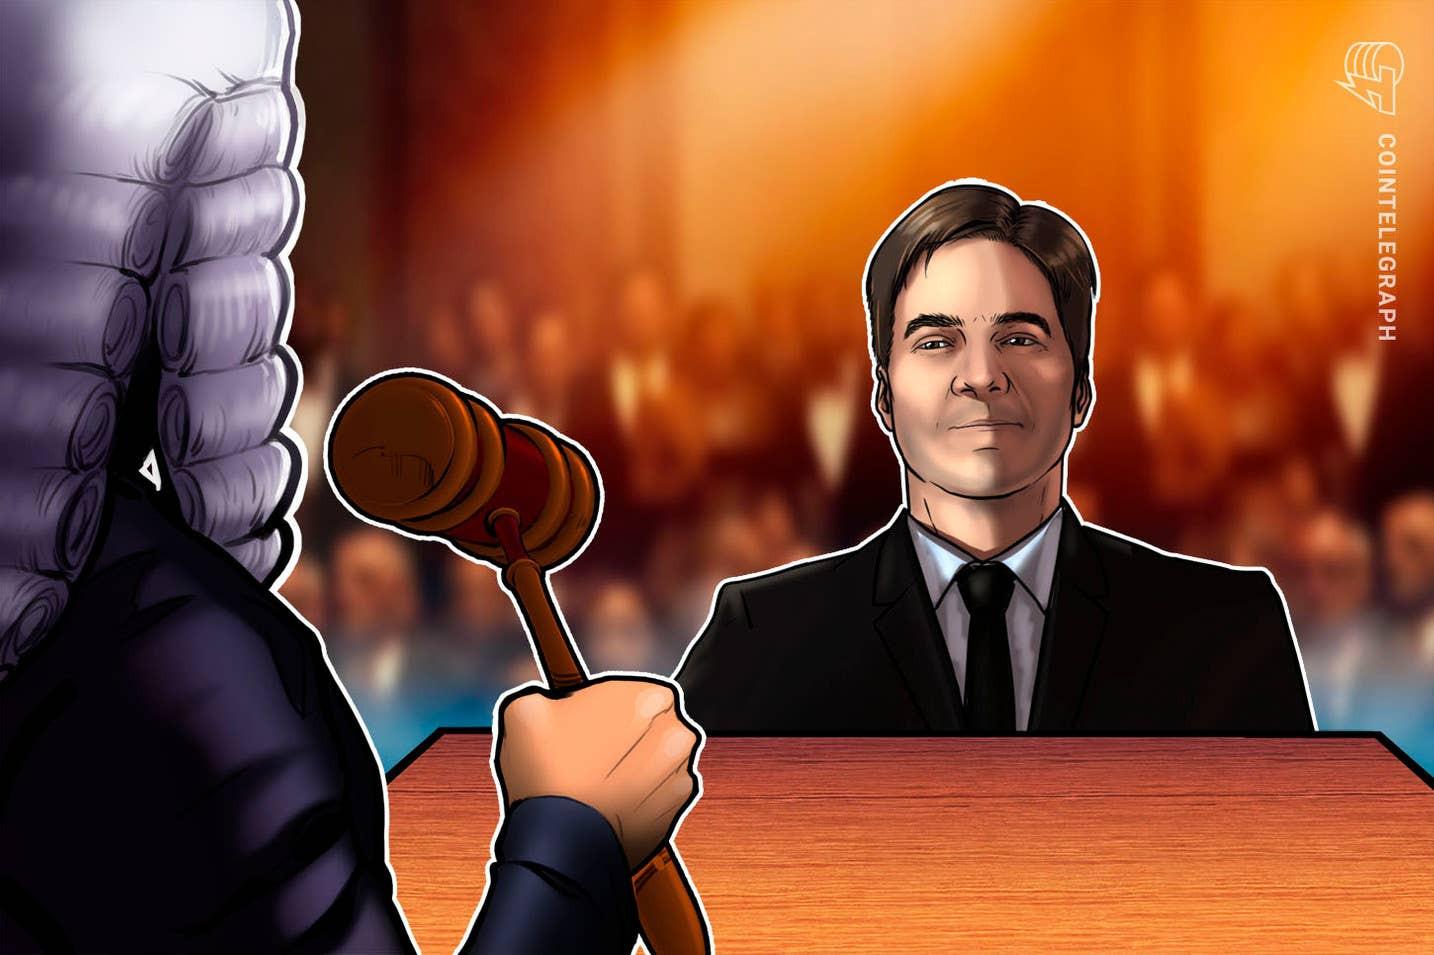 'Satoshi Nakamoto' reaparece para contestar Craig Wright em julgamento sobre autoria do white paper do Bitcoin